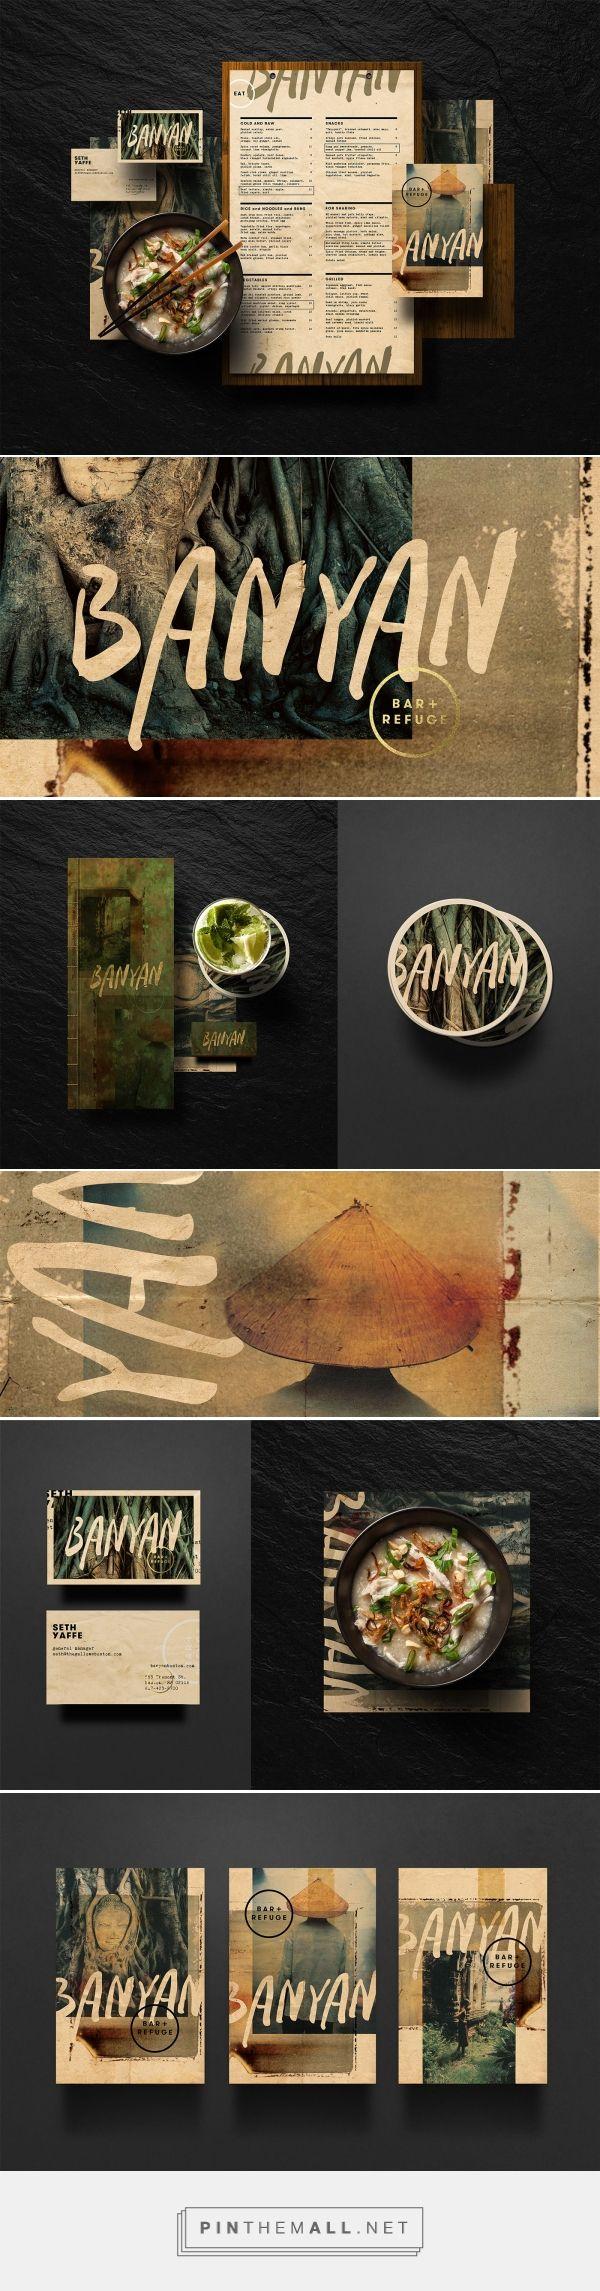 Banyan Bar & Refuge Branding on Behance | Fivestar Branding – Design and Branding Agency & Inspiration Gallery